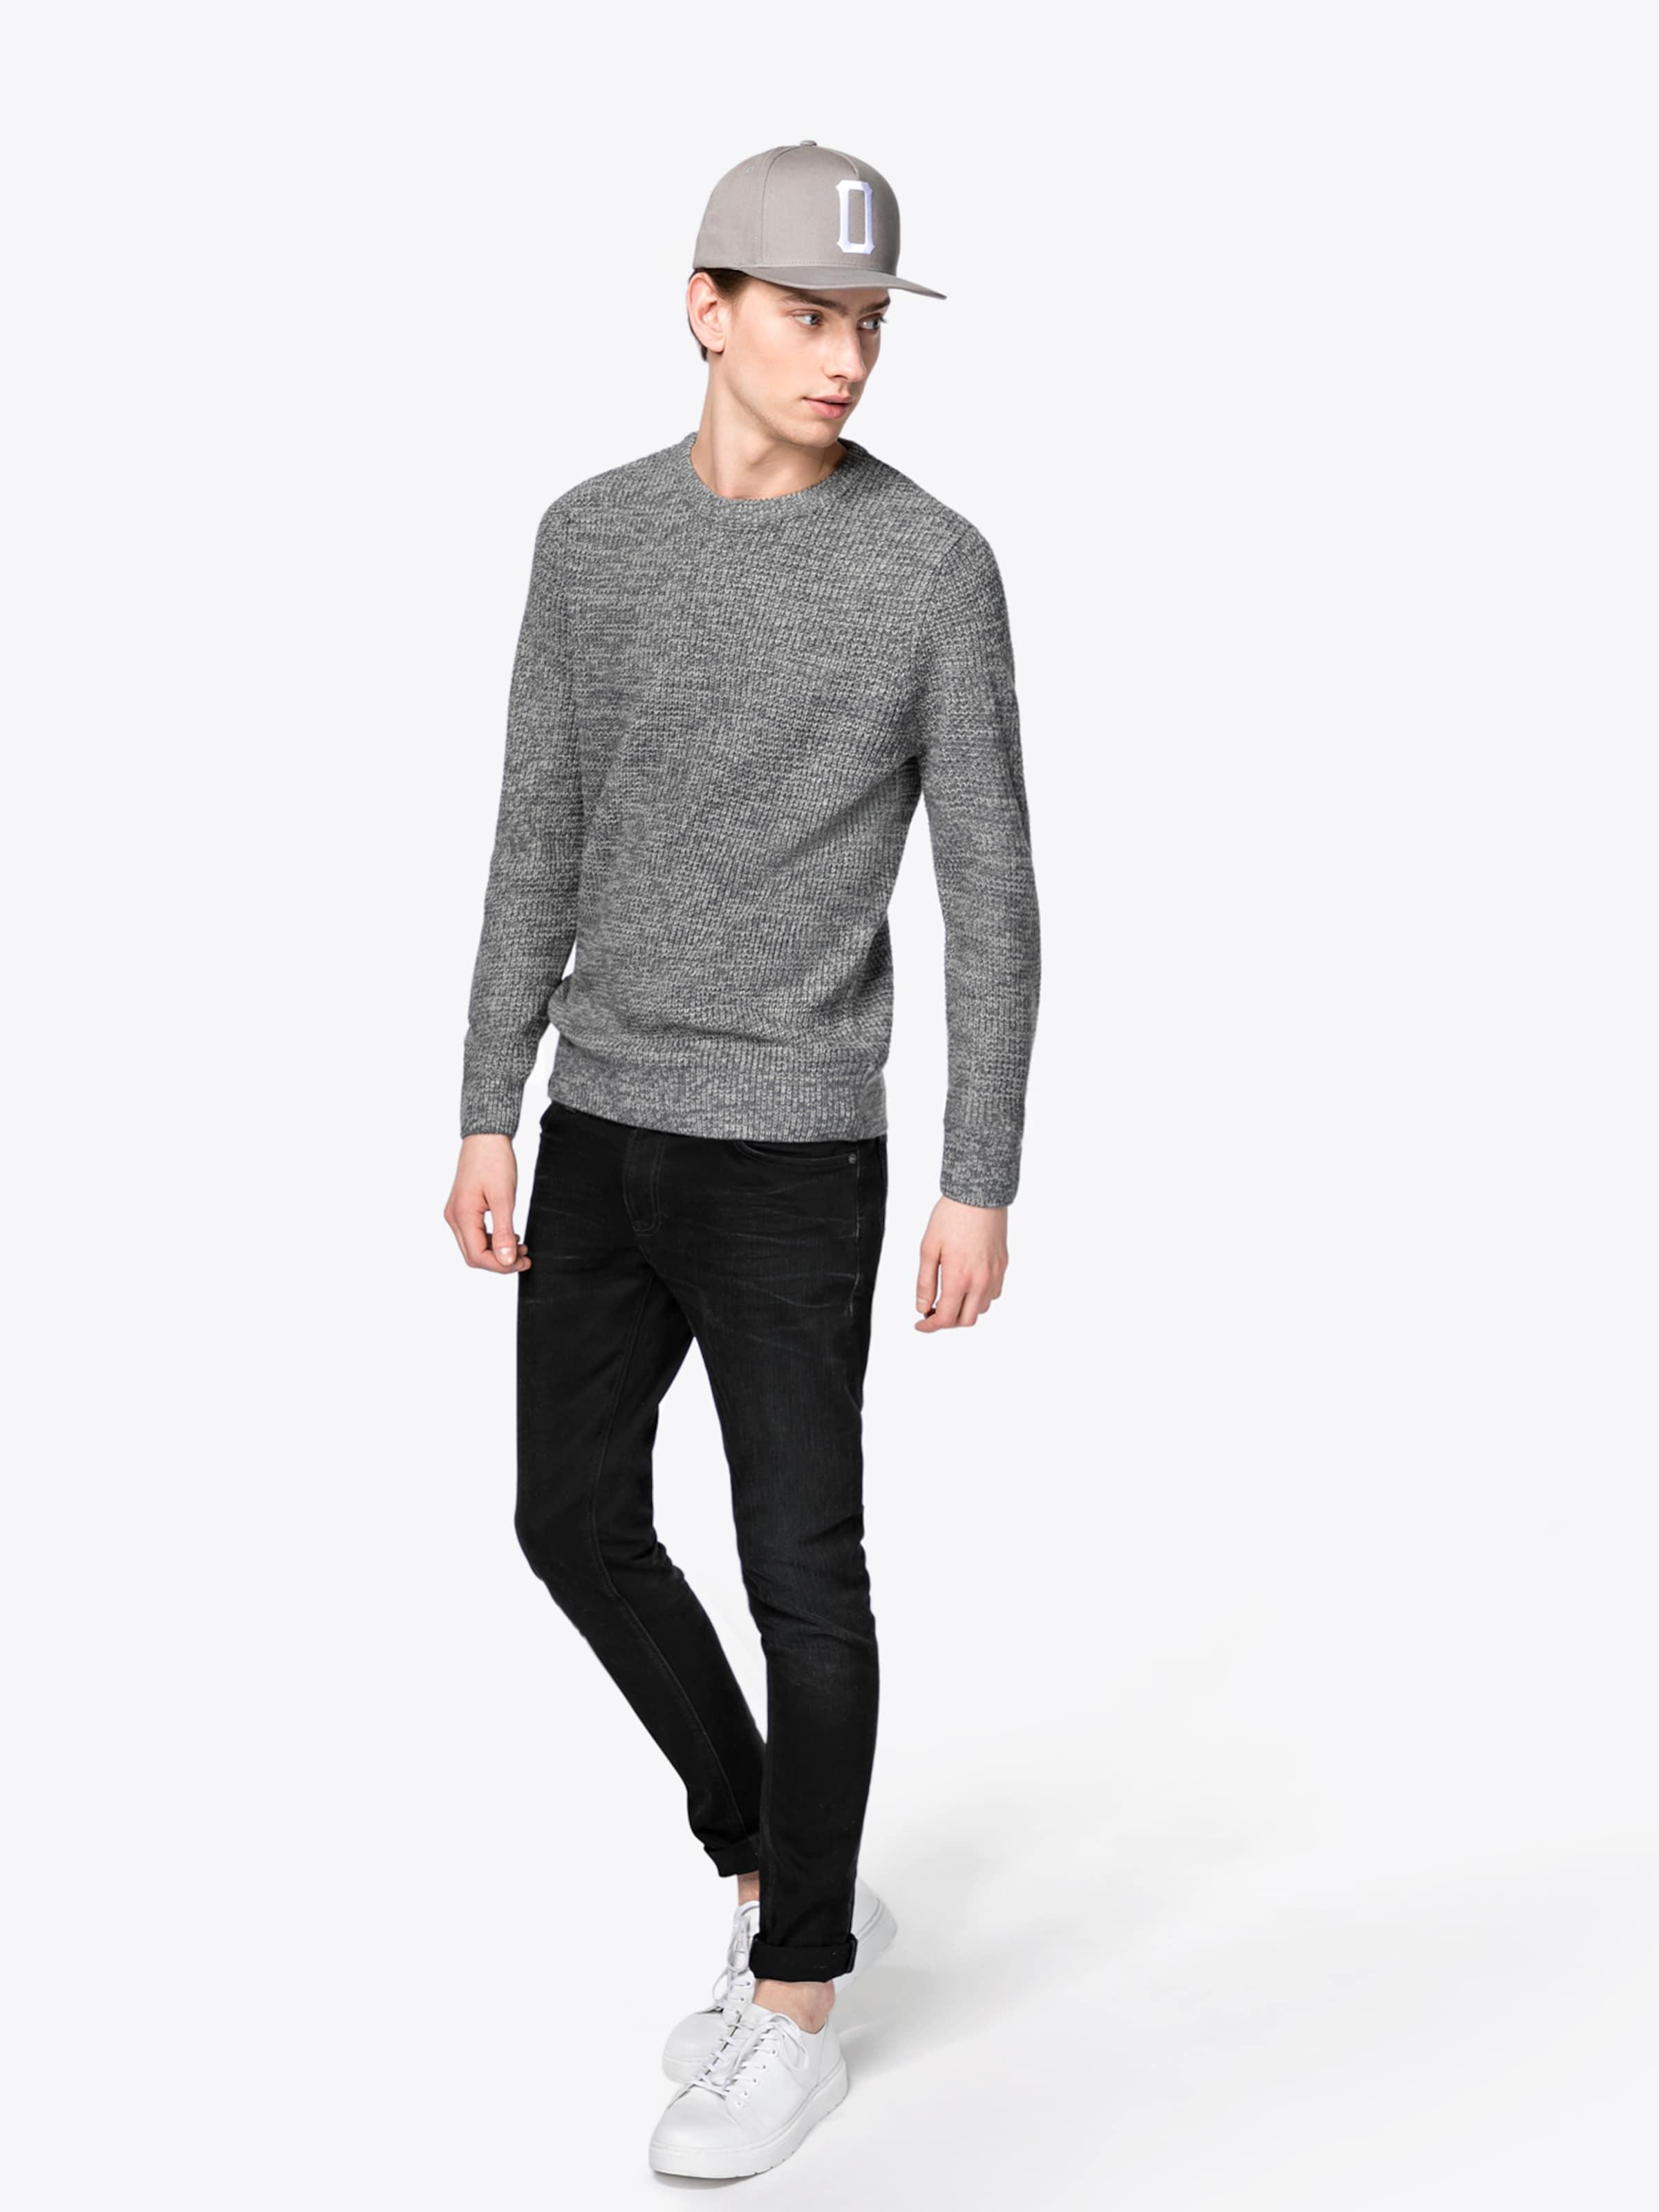 NEW LOOK Pullover 'TUCK STITCH CREW' Neue Online Rabatt 2018 Neue vo8csKtb6L